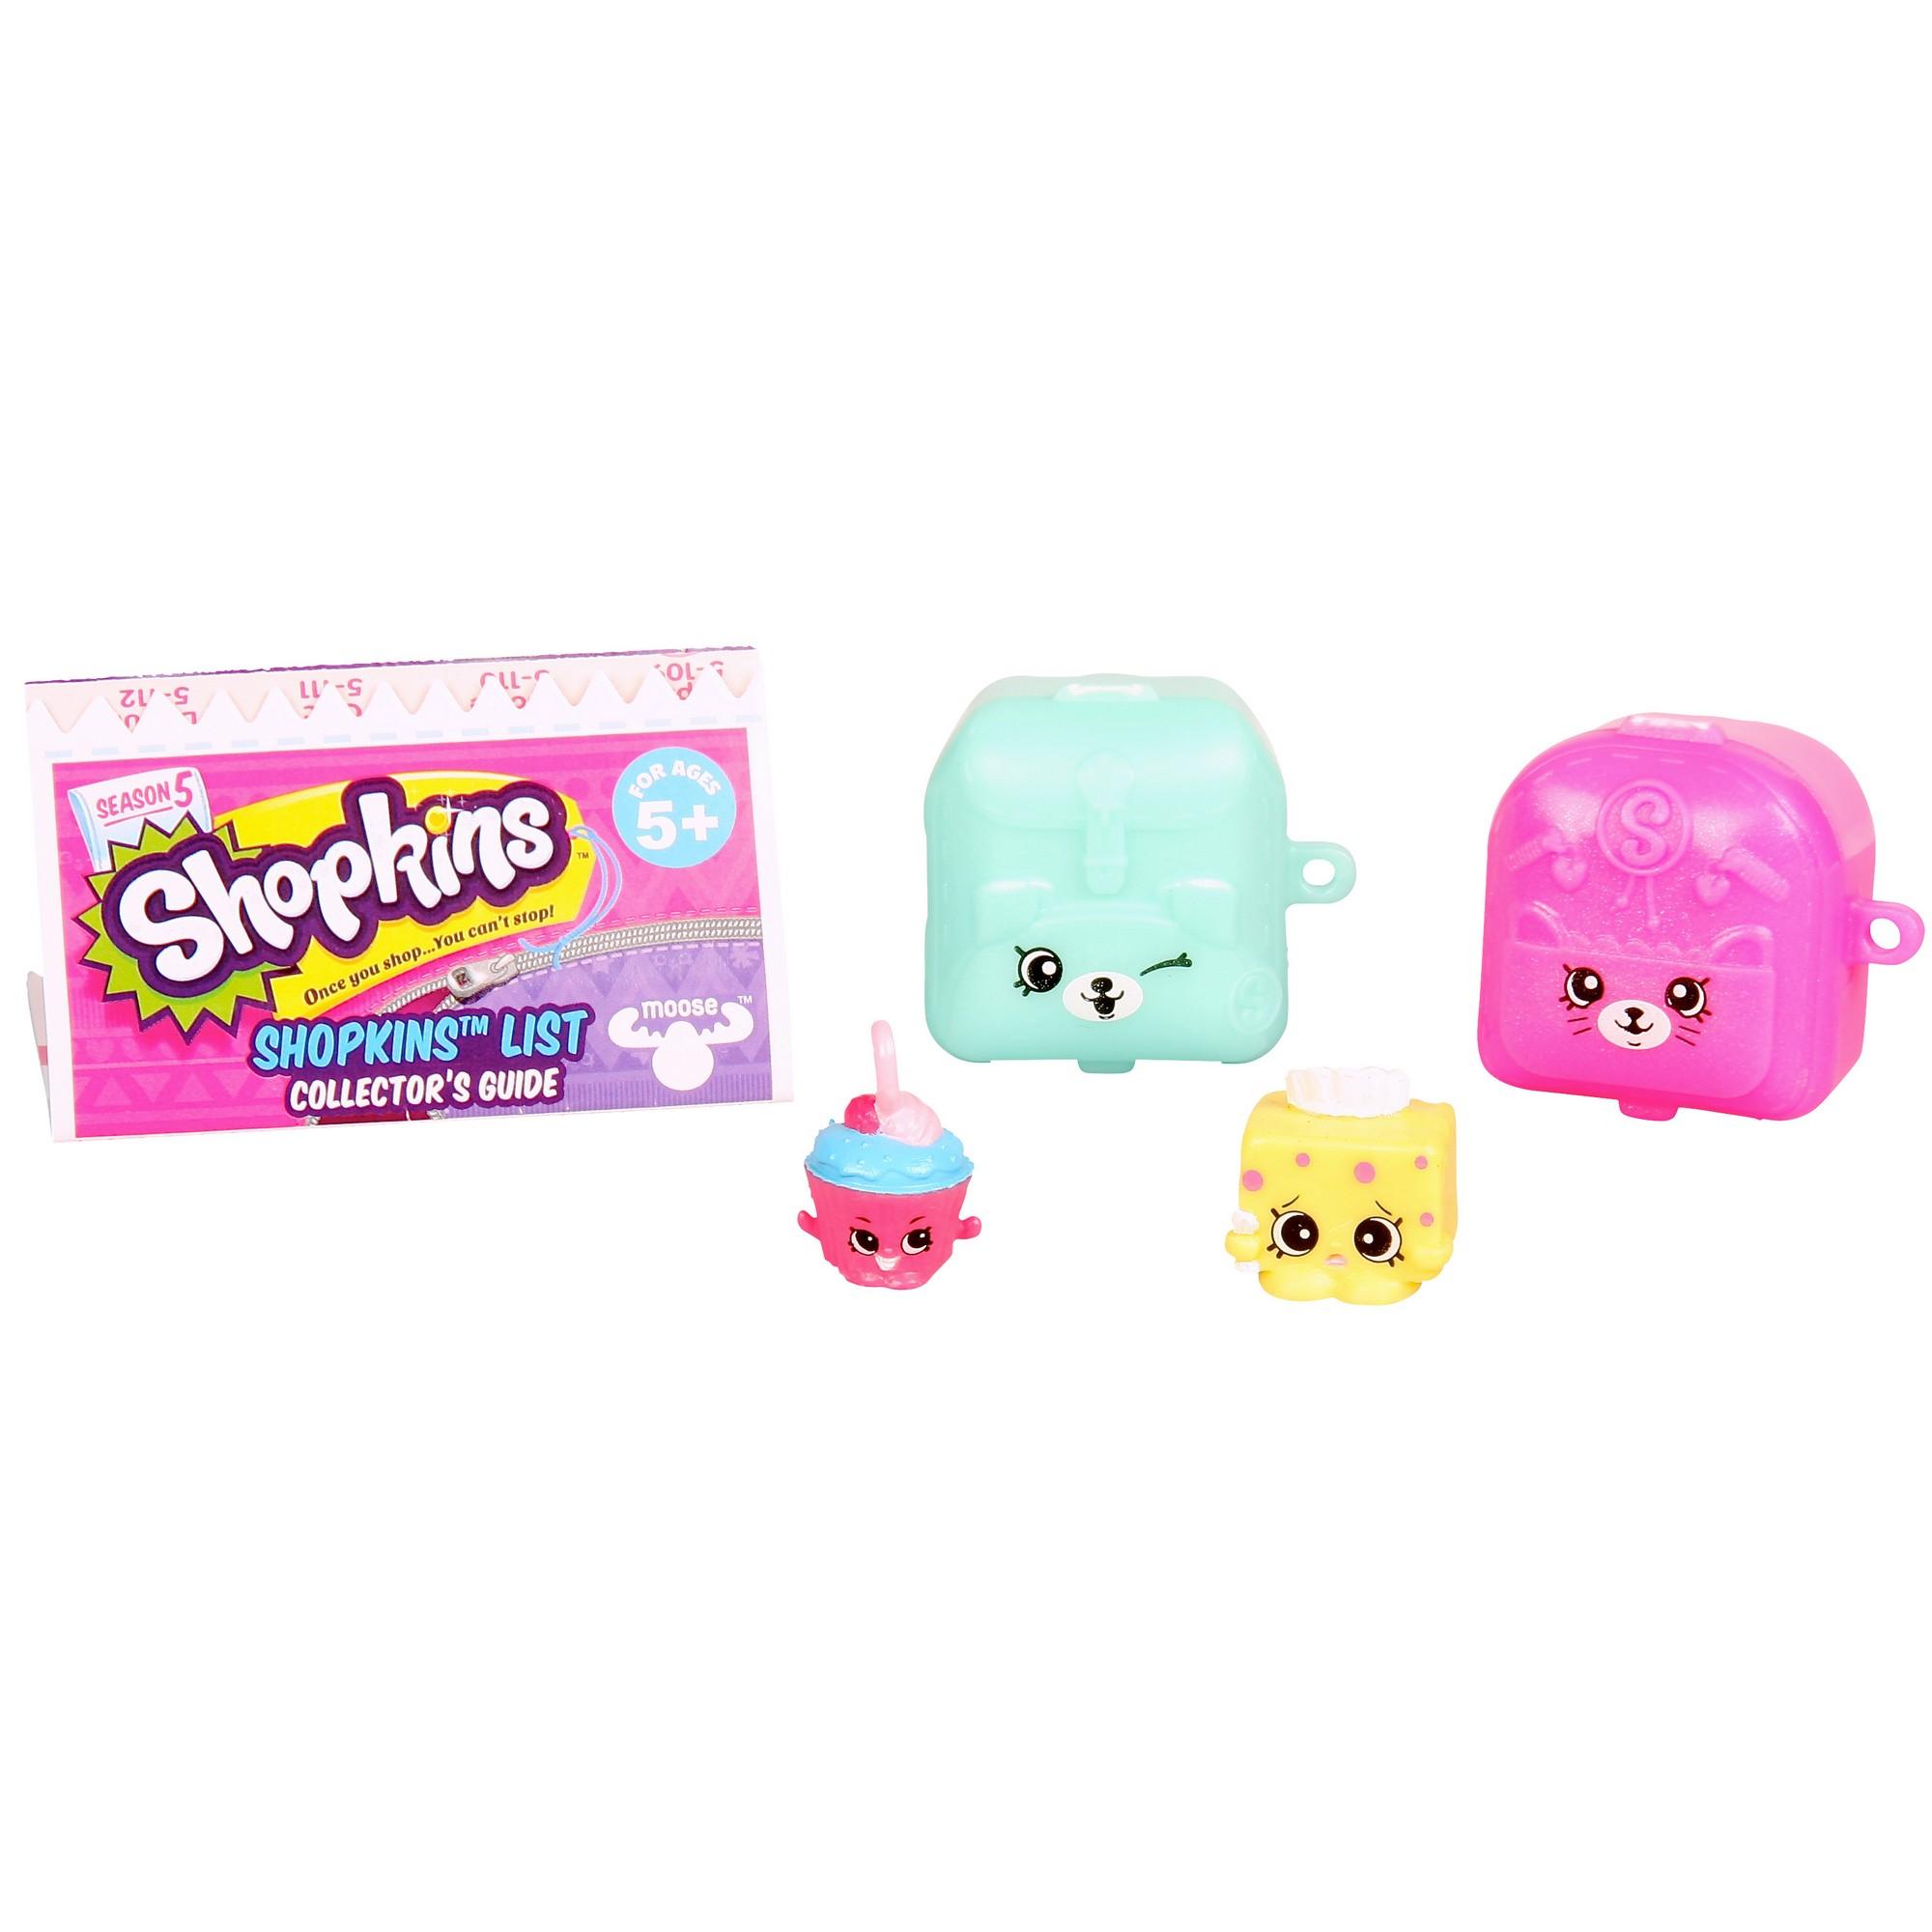 Shopkins Shopkins Игровой набор Shopkins игровой набор shopkins 2 героя в корзиночке